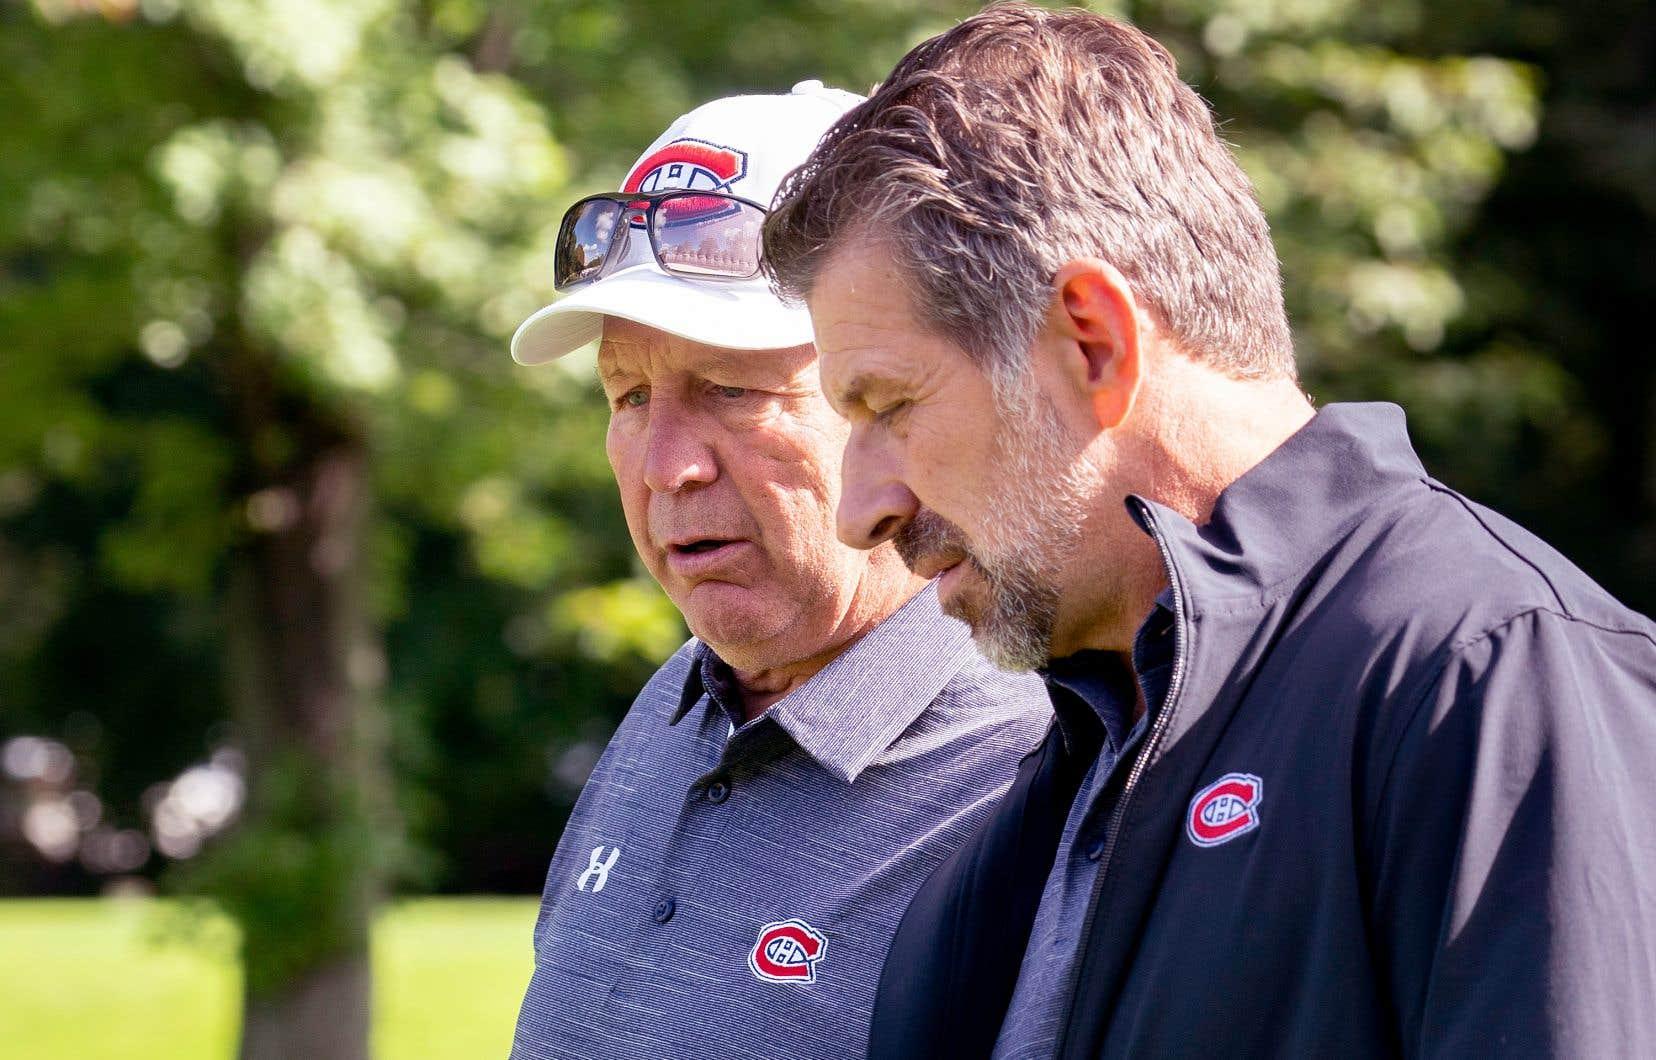 Le directeur général Marc Bergevin (à droite), lundi en compagnie de l'entraîneur-chef Claude Julien, n'a pas ajouté beaucoup de nouveaux éléments à l'équipe cet été.